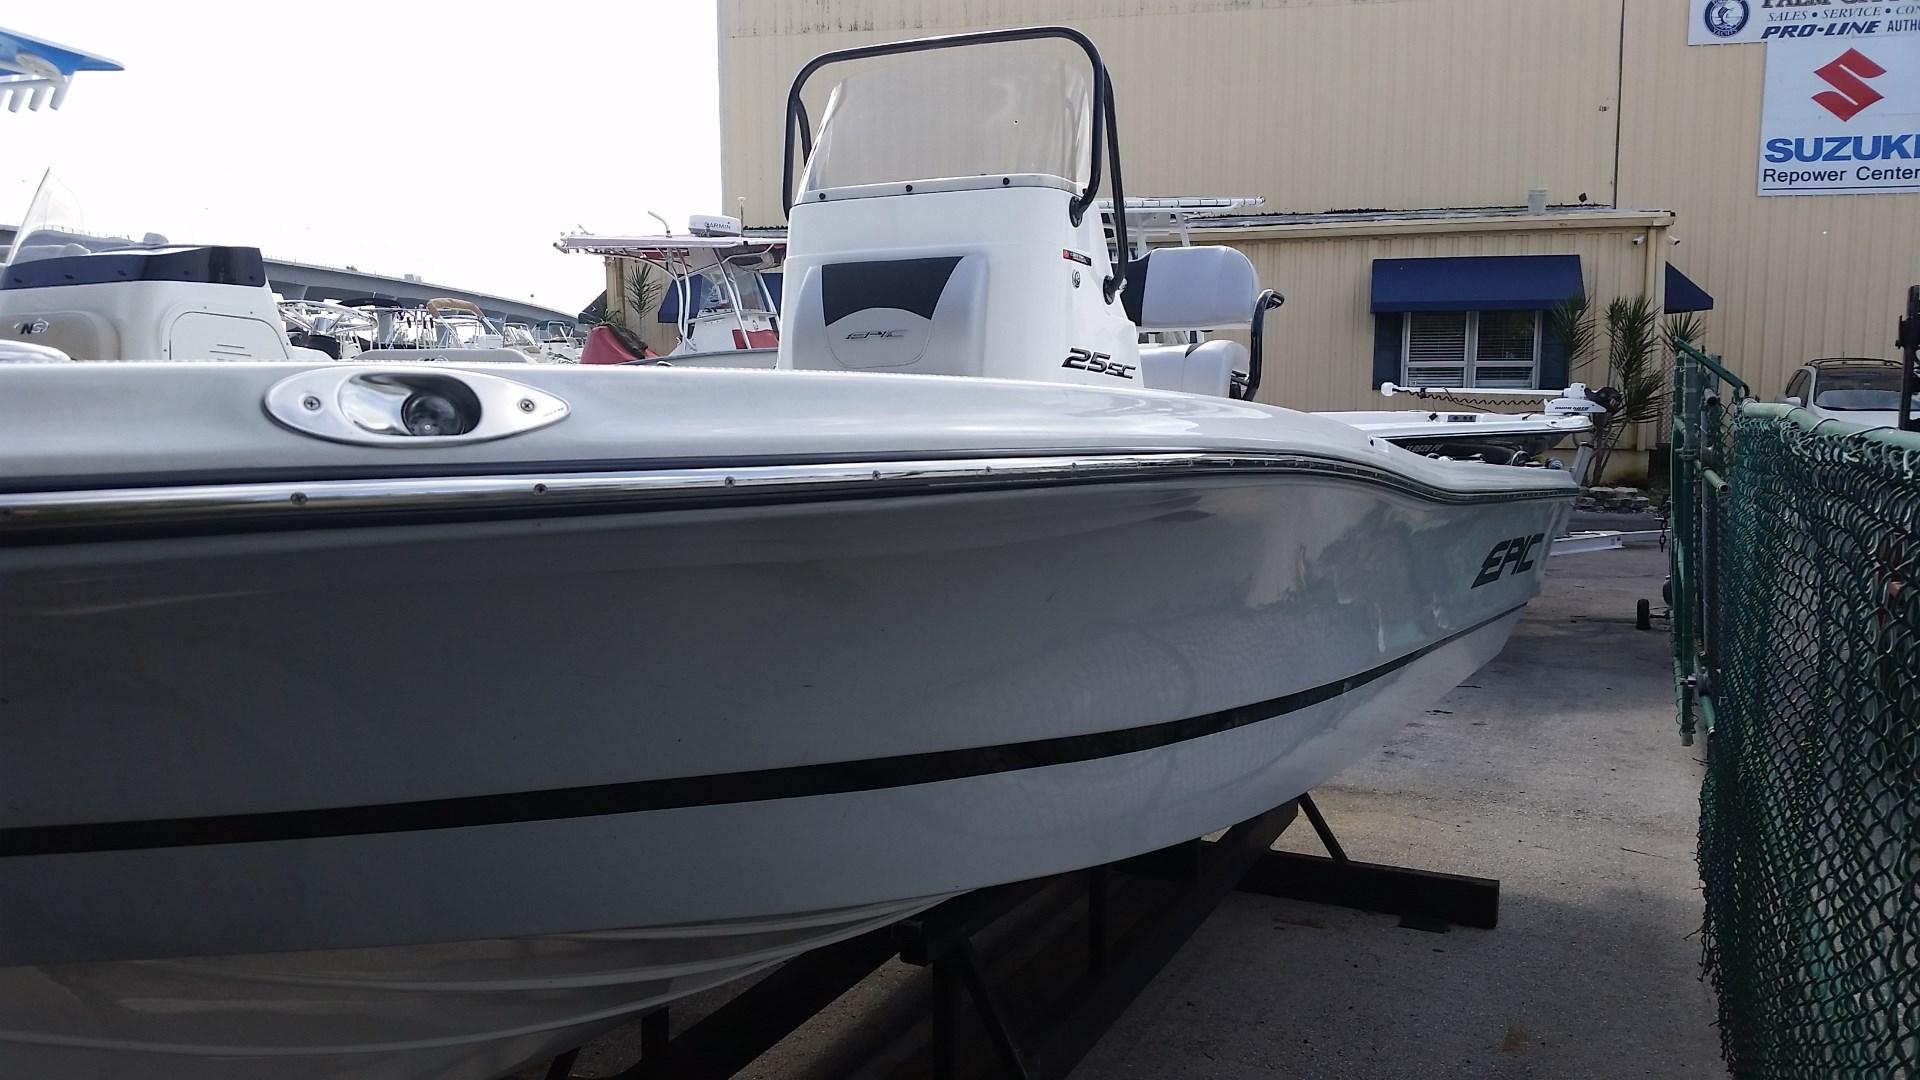 Boat trader mako for sale